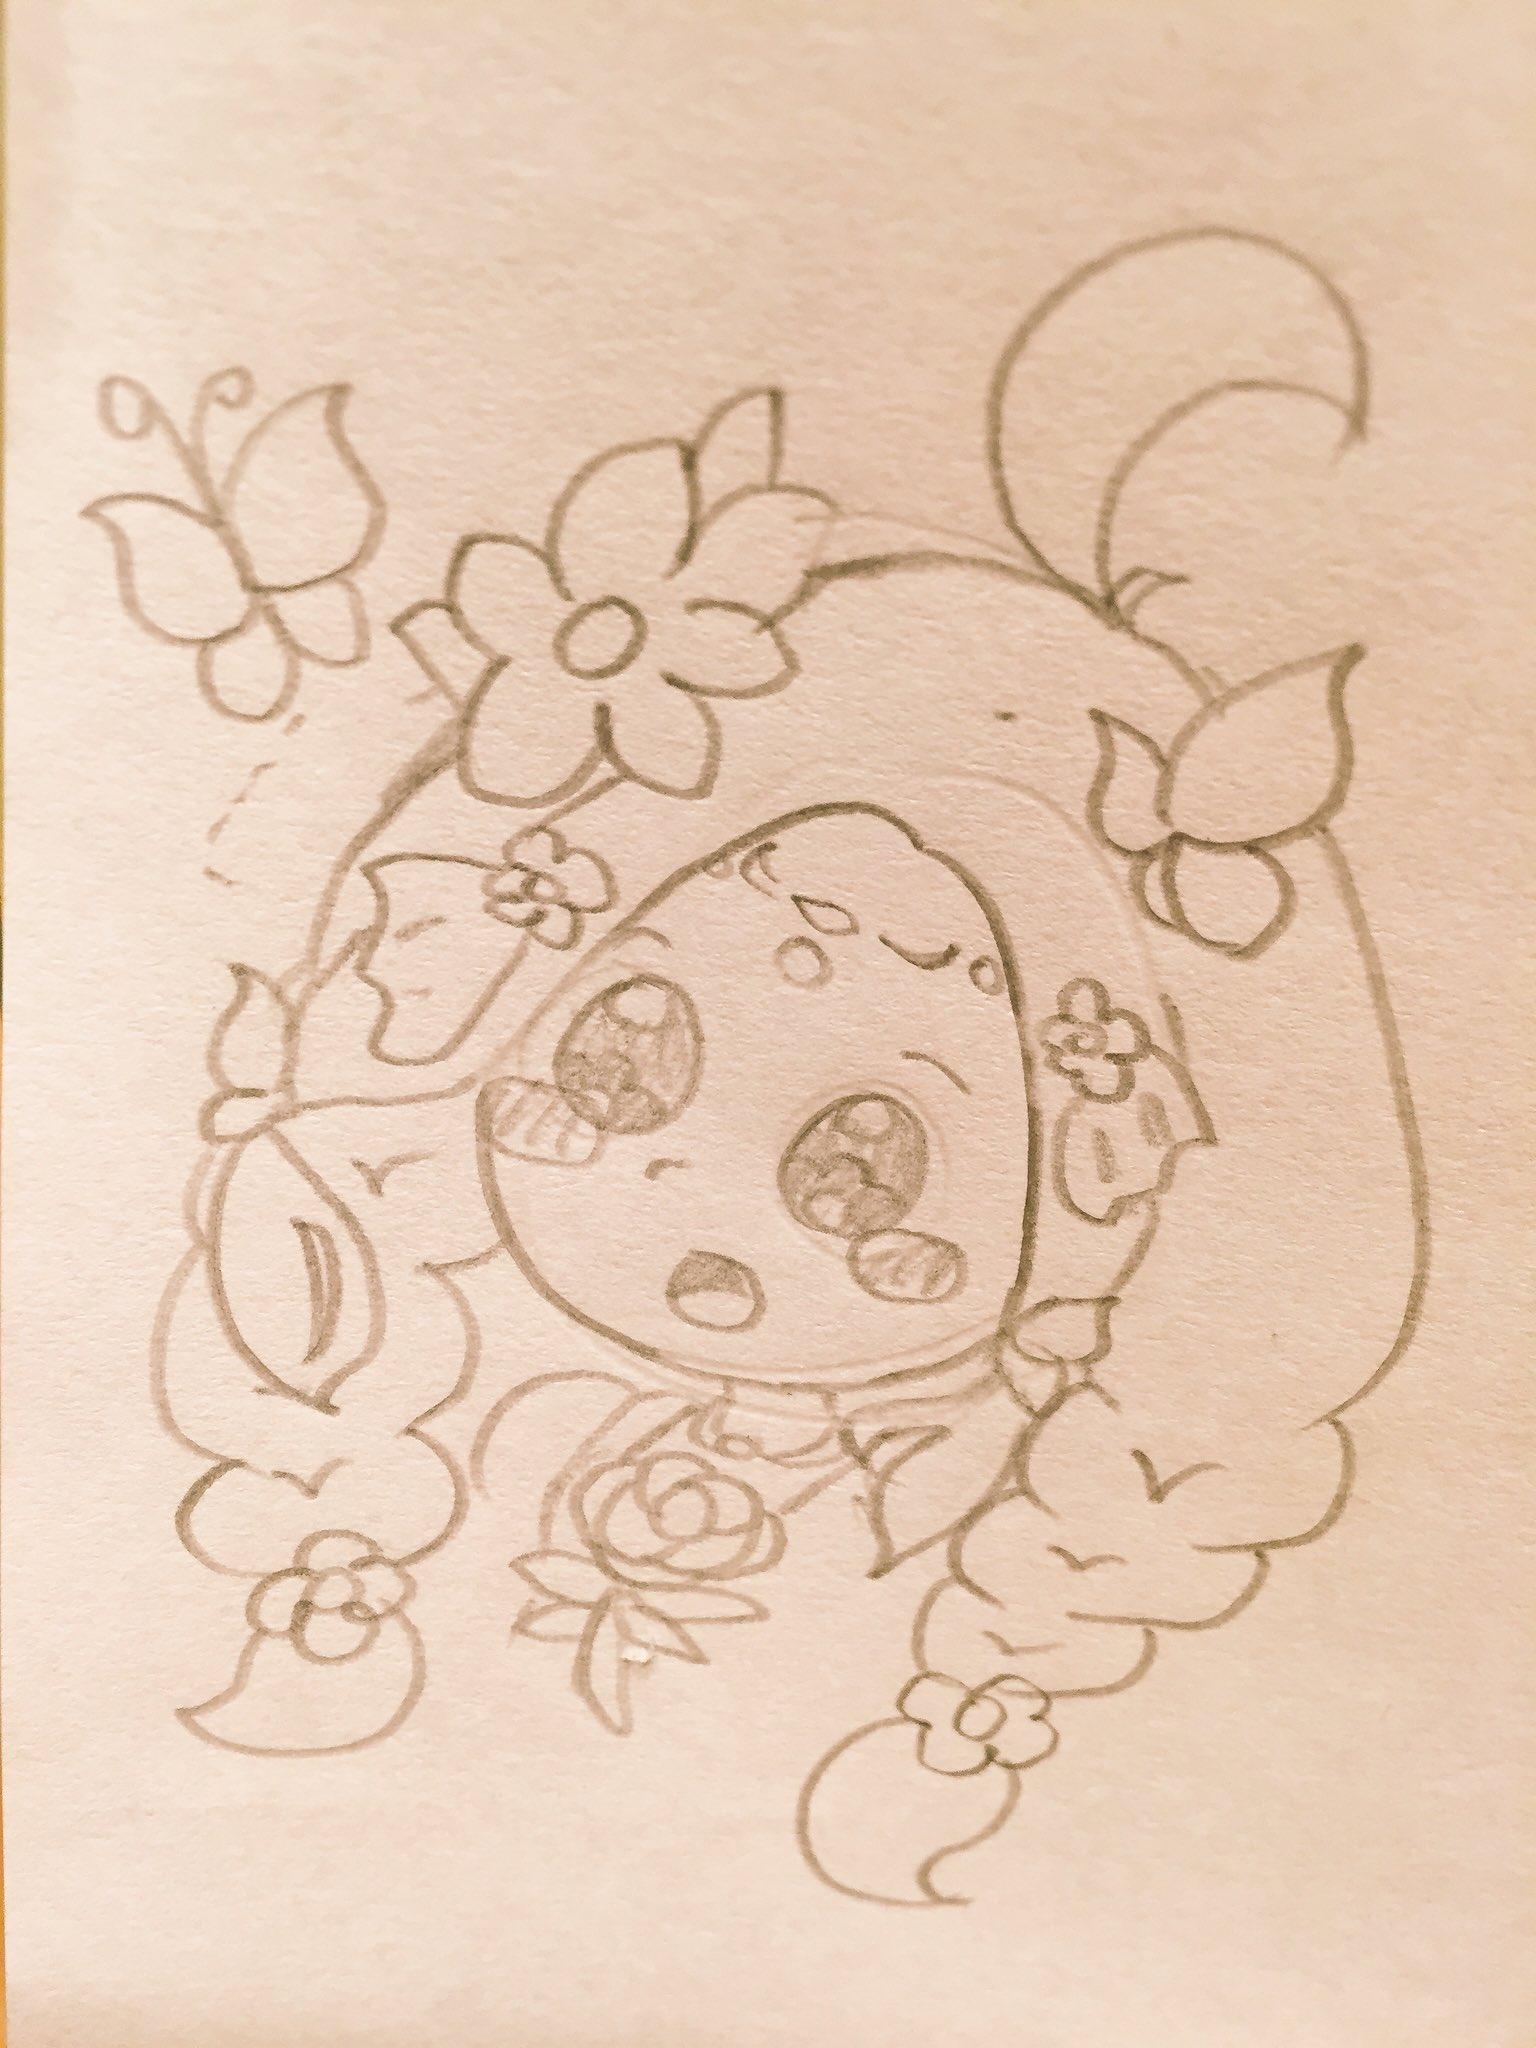 僕とライ (@boku_lie)さんのイラスト